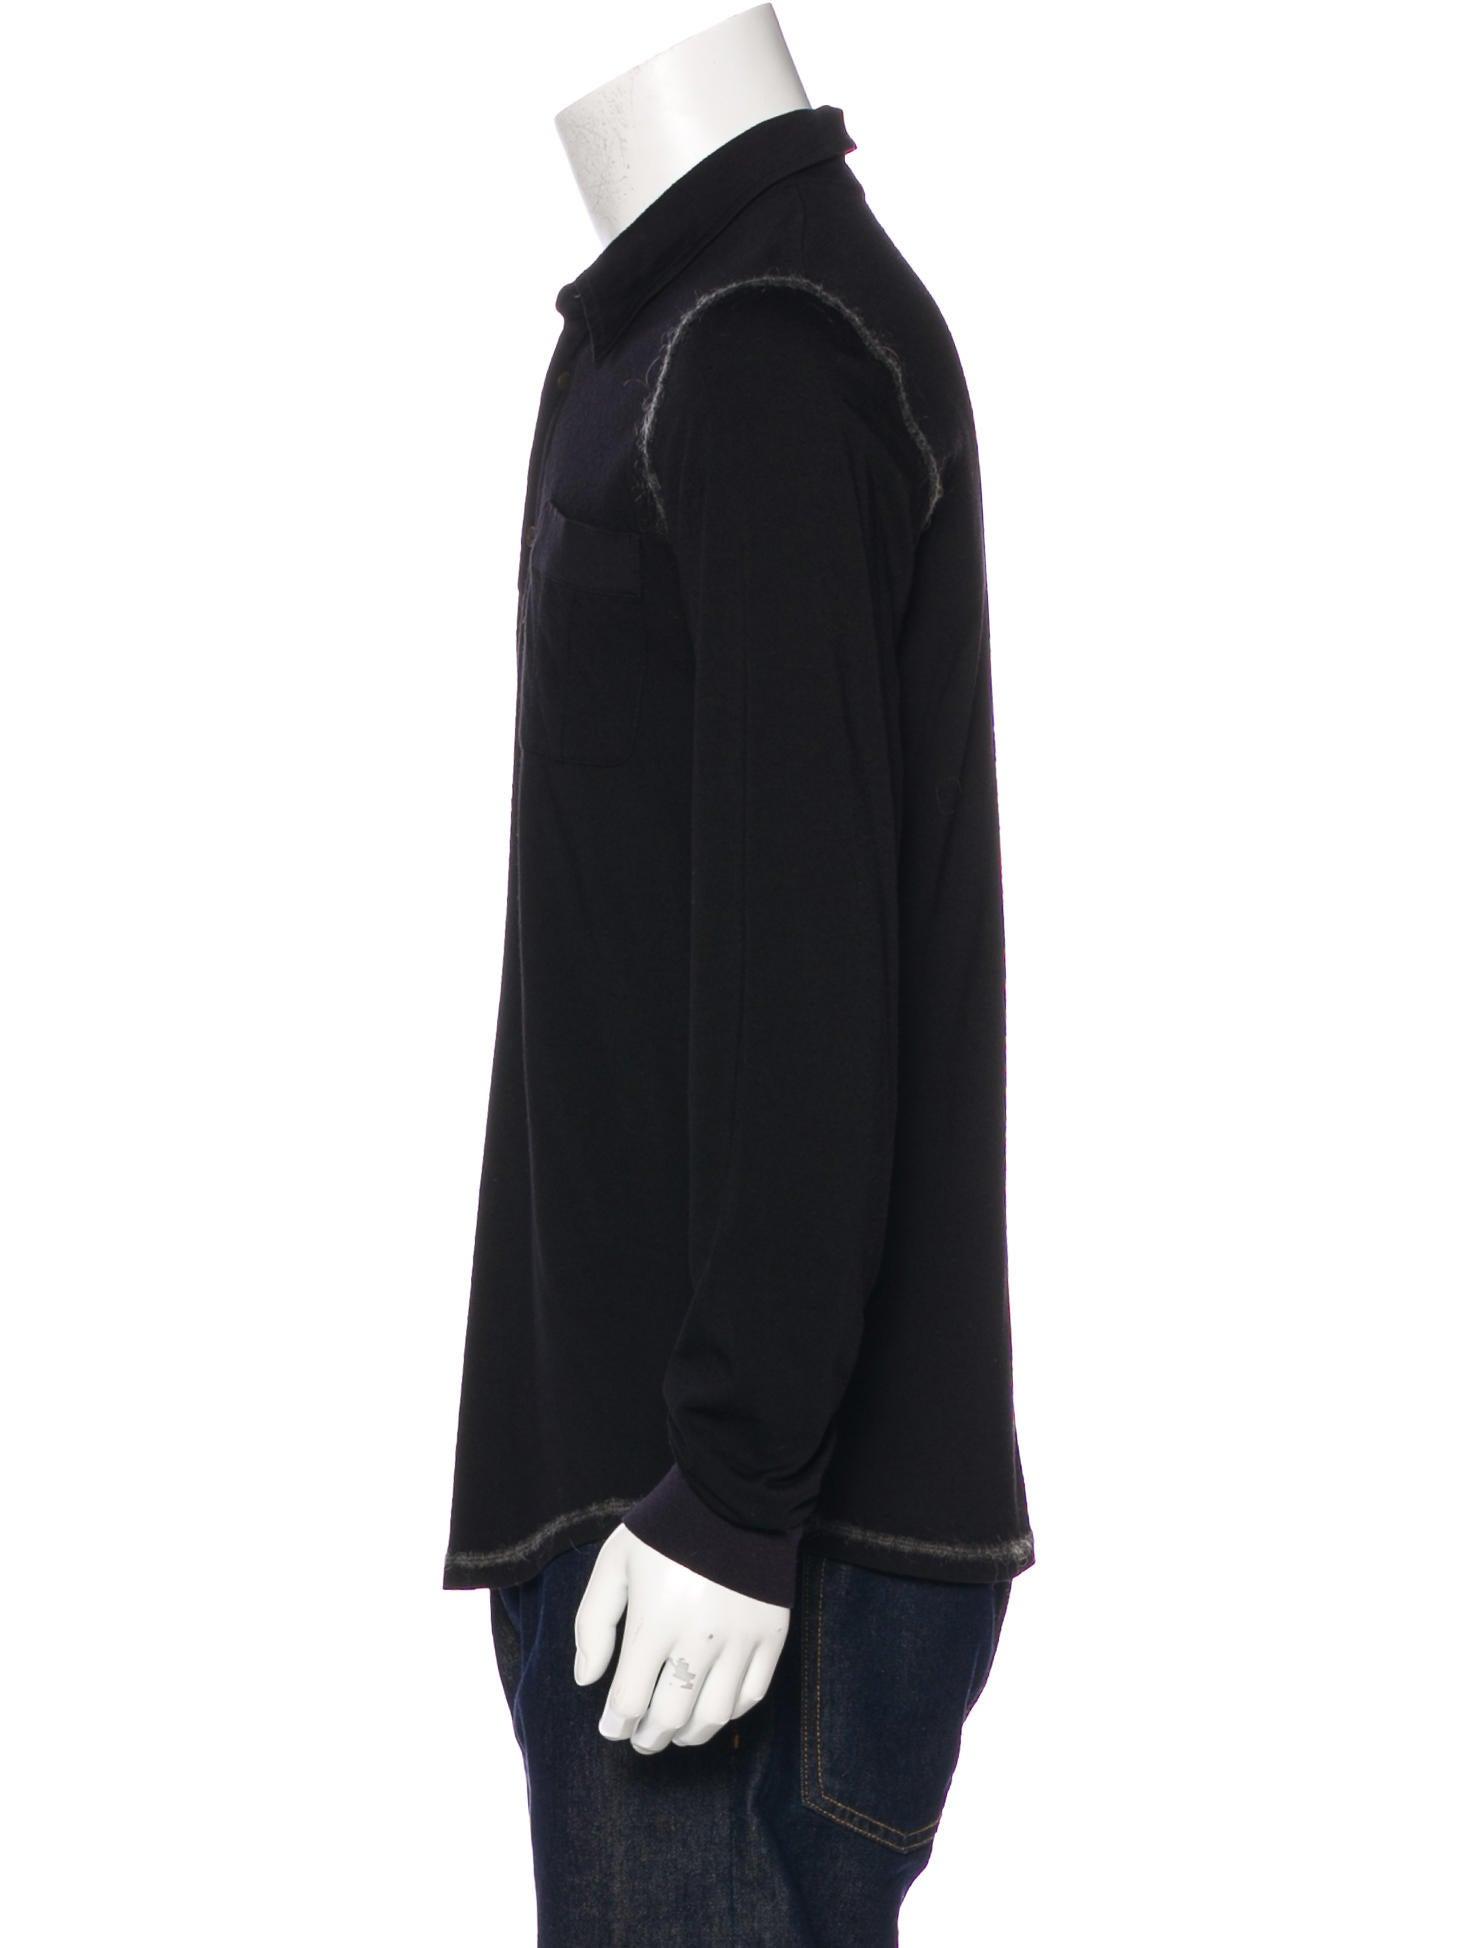 Miu miu virgin wool henley t shirt clothing miu55067 for Miu miu t shirt